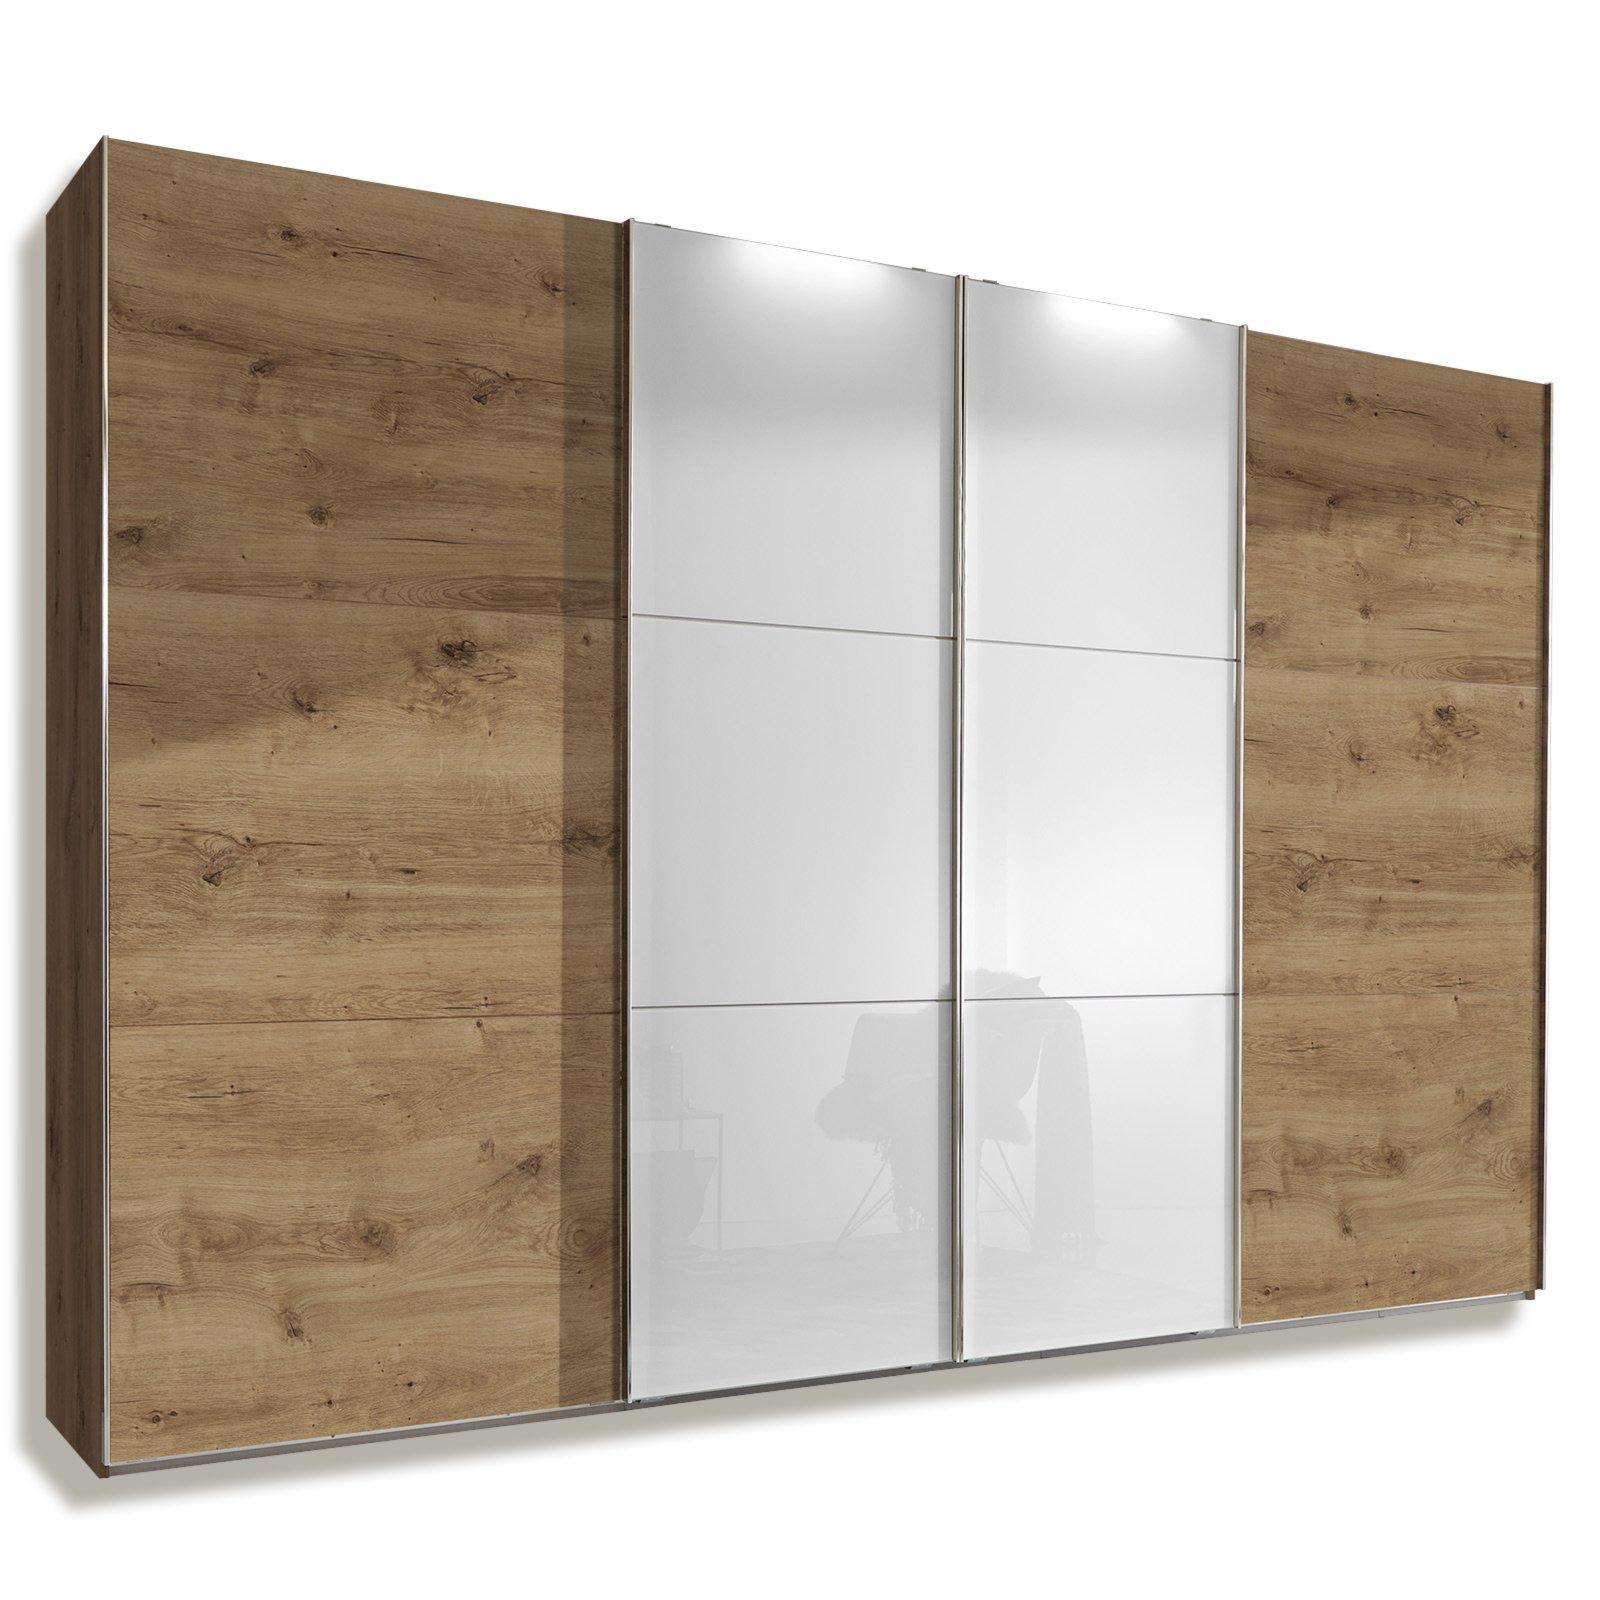 schwebet renschrank escape plankeneiche wei glas 300 cm schwebet renschr nke. Black Bedroom Furniture Sets. Home Design Ideas